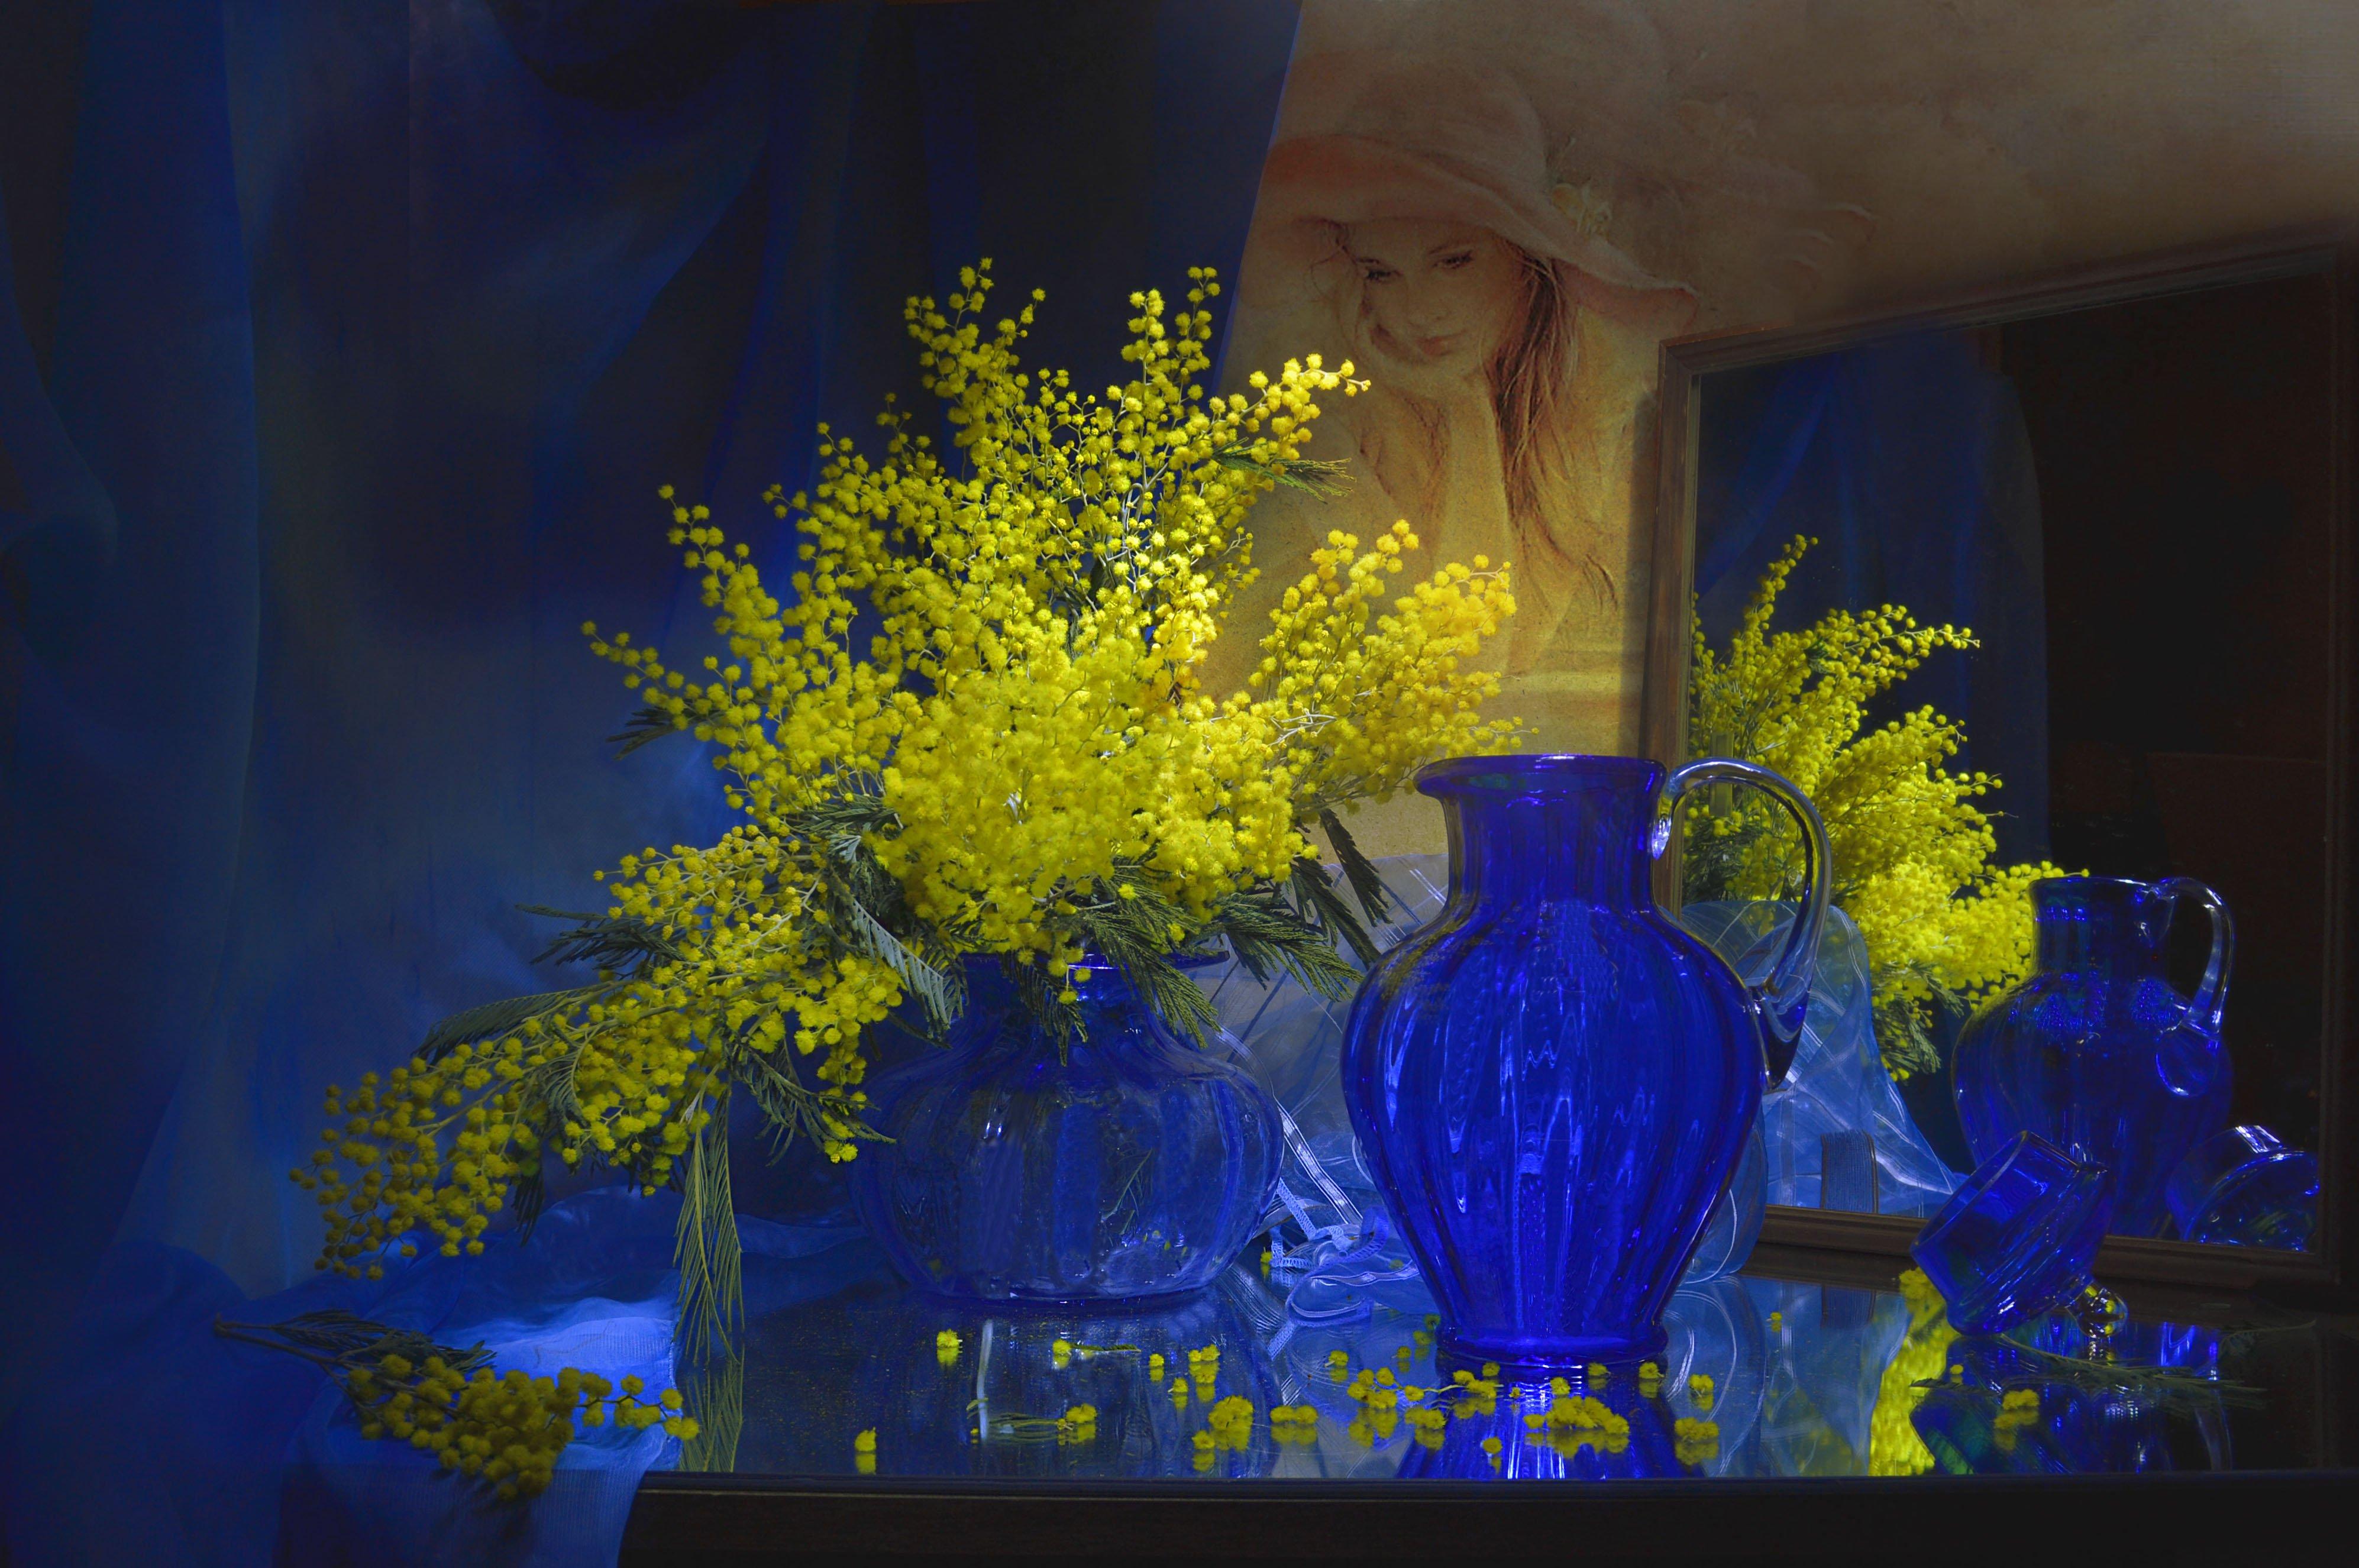 still life,натюрморт, весна, зеркало, кувшин, март, мимоза, отражение, синяя ваза, фото натюрморт, цветы, Колова Валентина